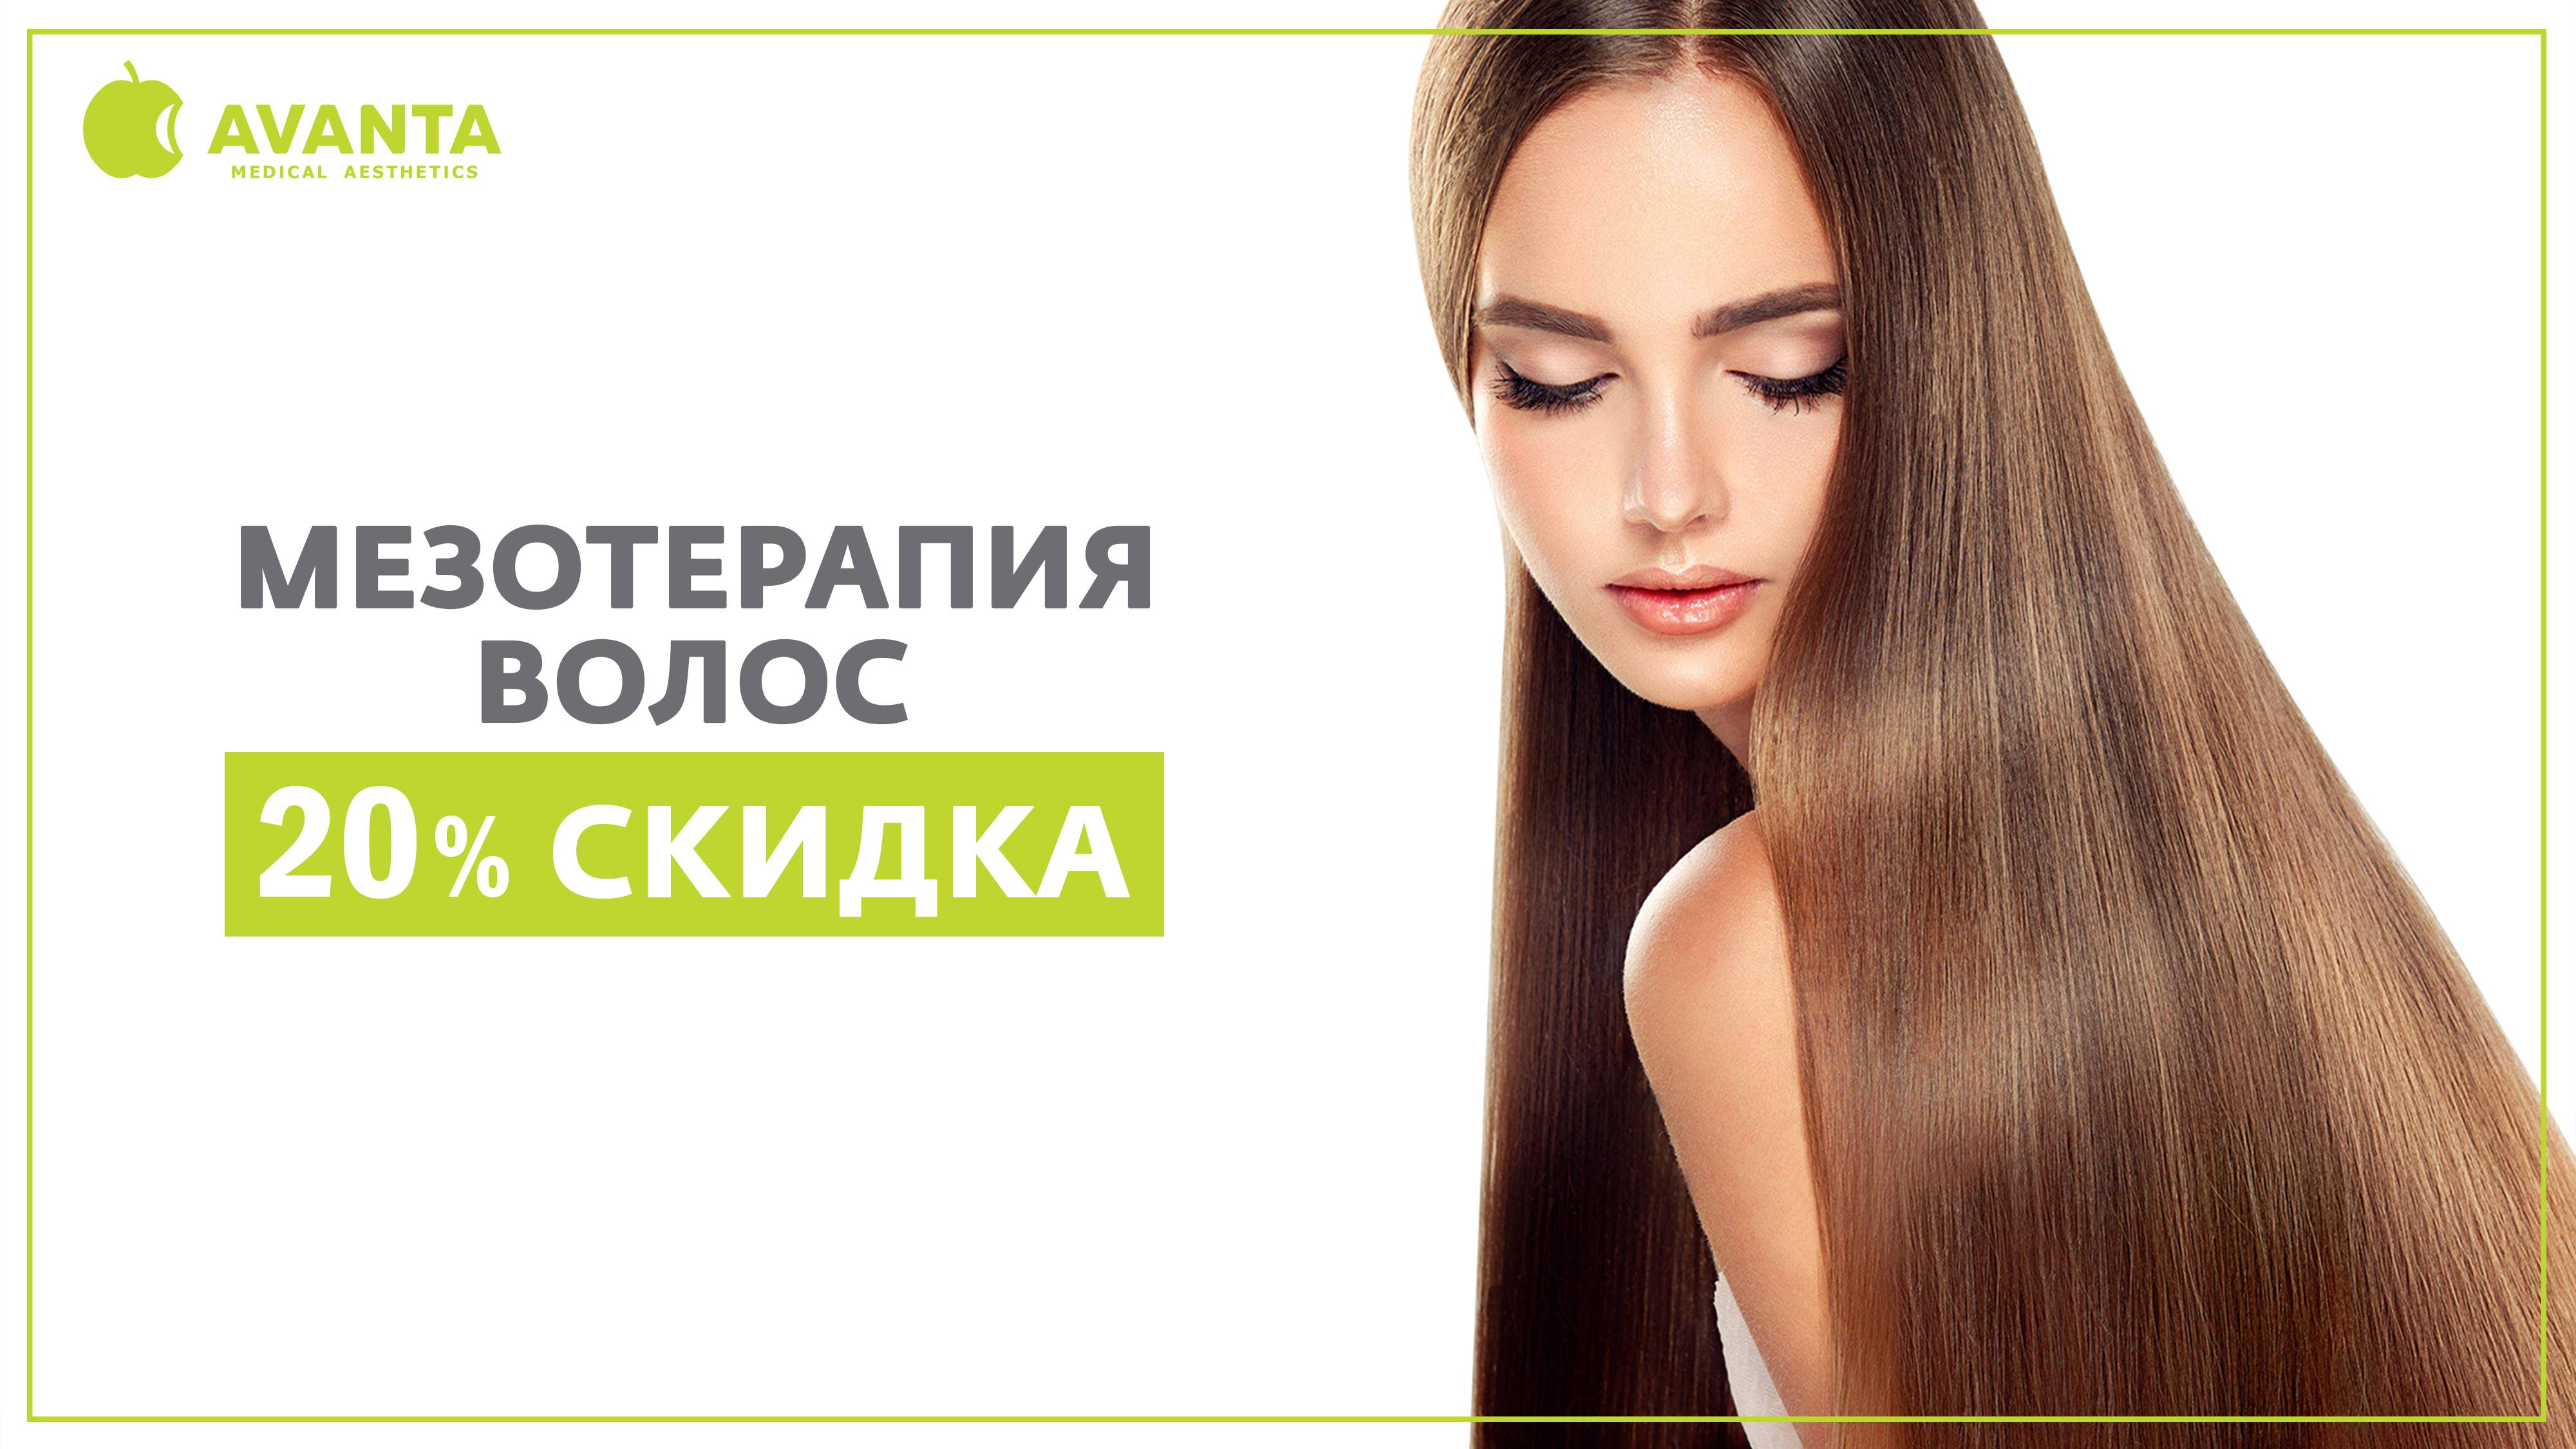 Специальное предложение на мезотерапию волос